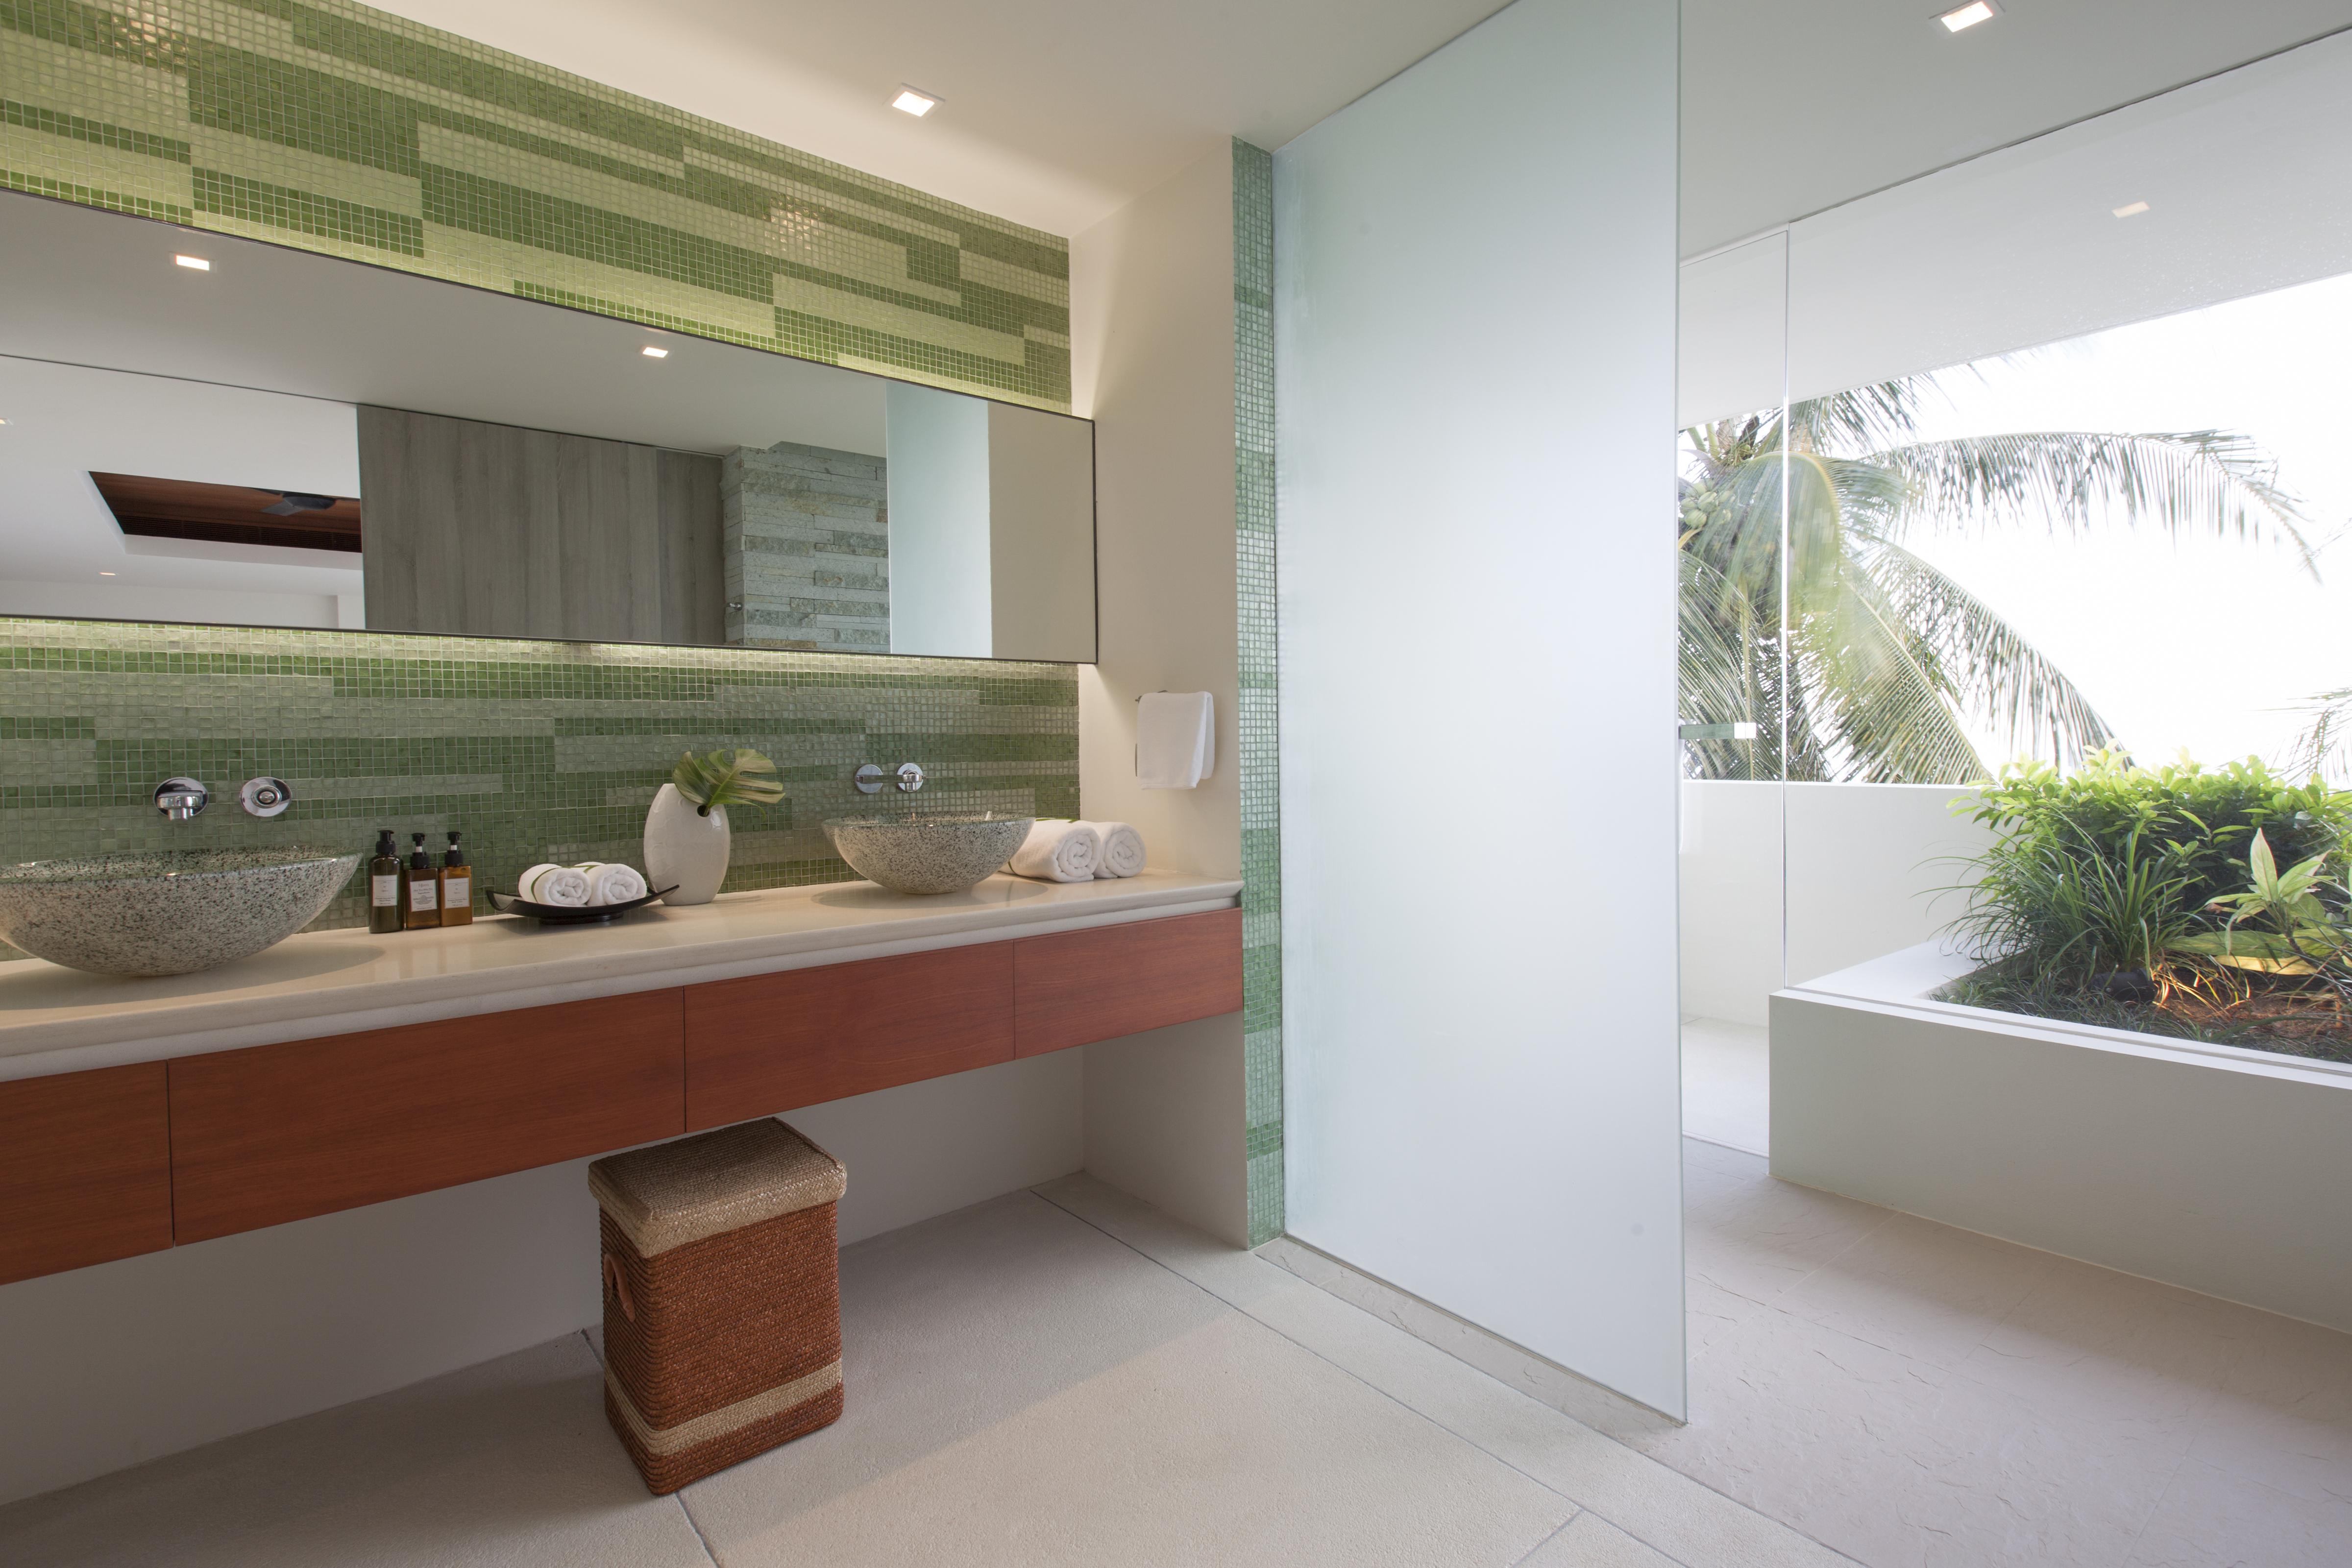 20120811-Bathroom 4-002